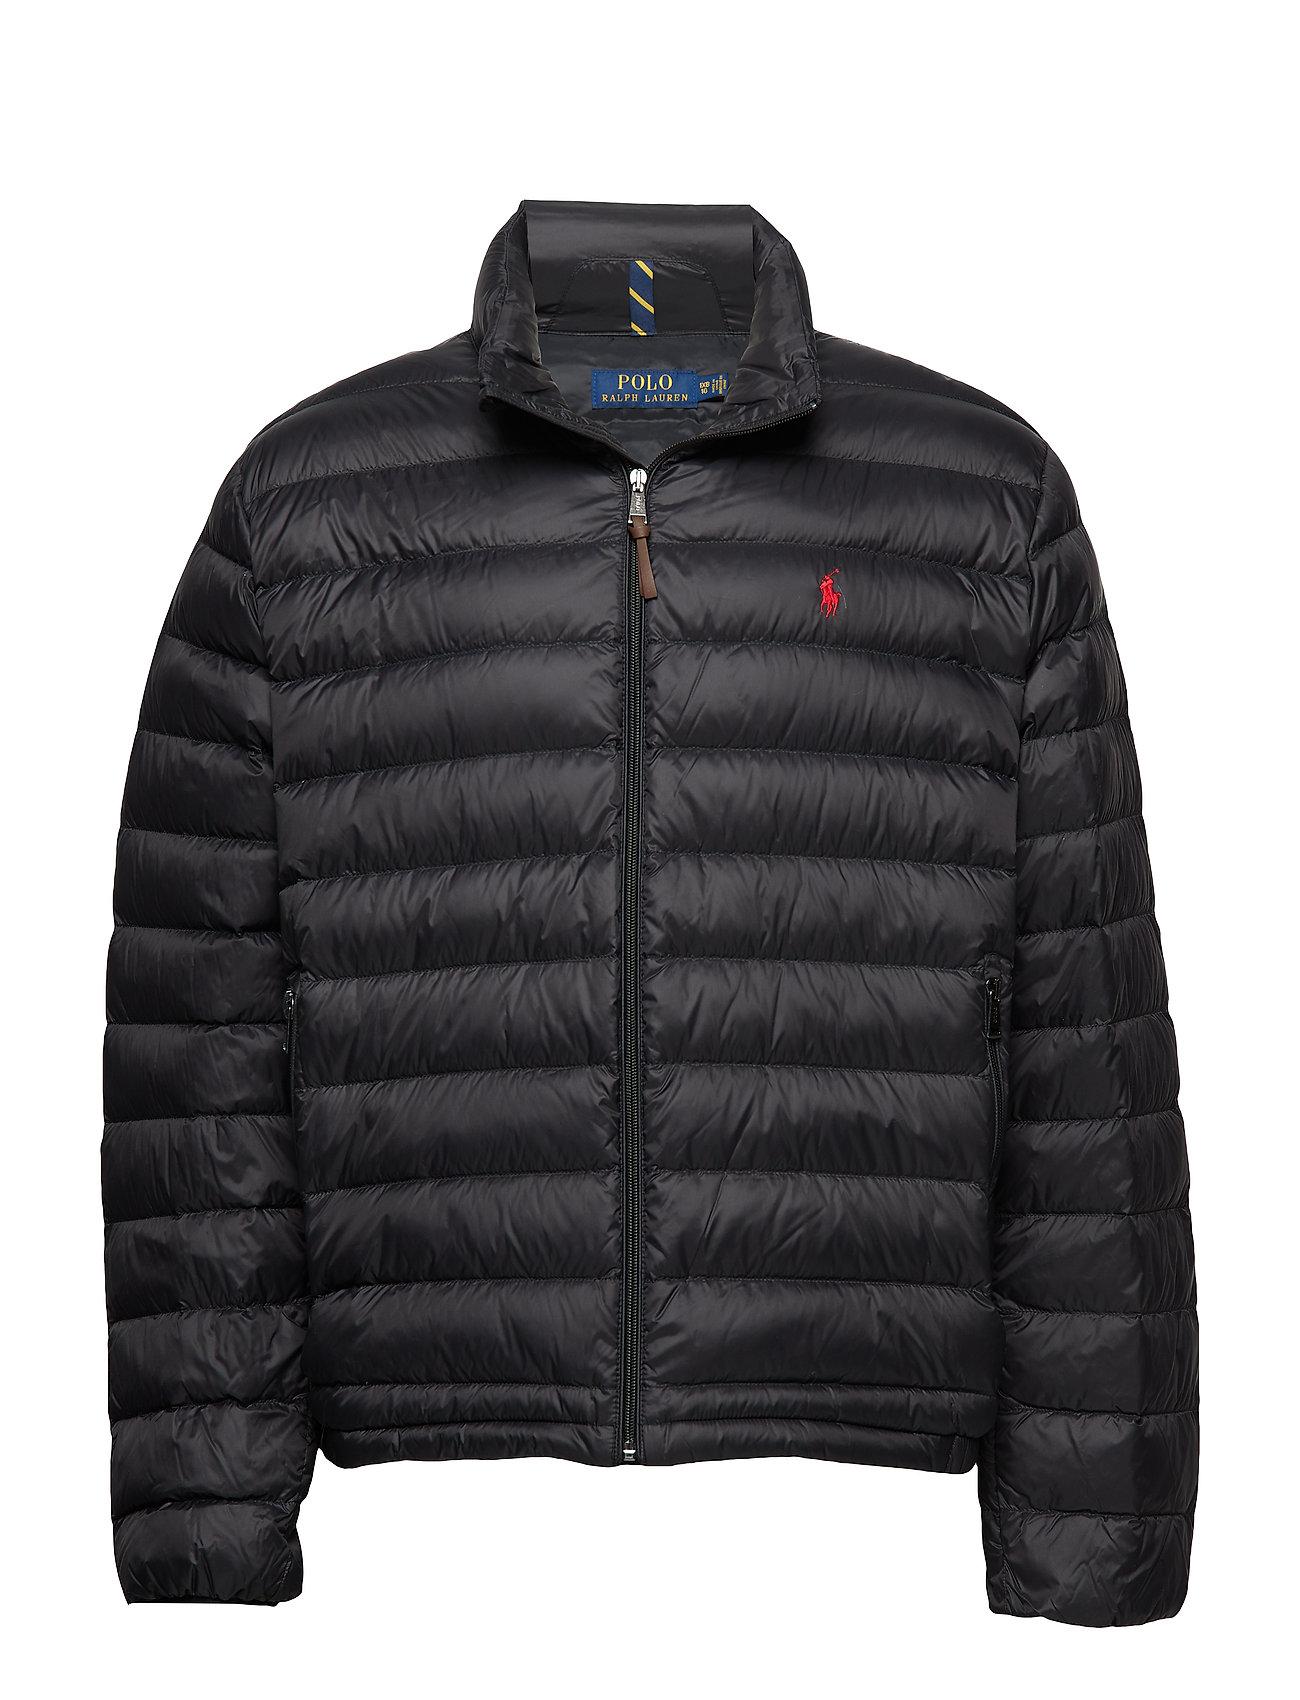 Polo Ralph Lauren Big & Tall Packable Quilted Down Jacket Ytterkläder